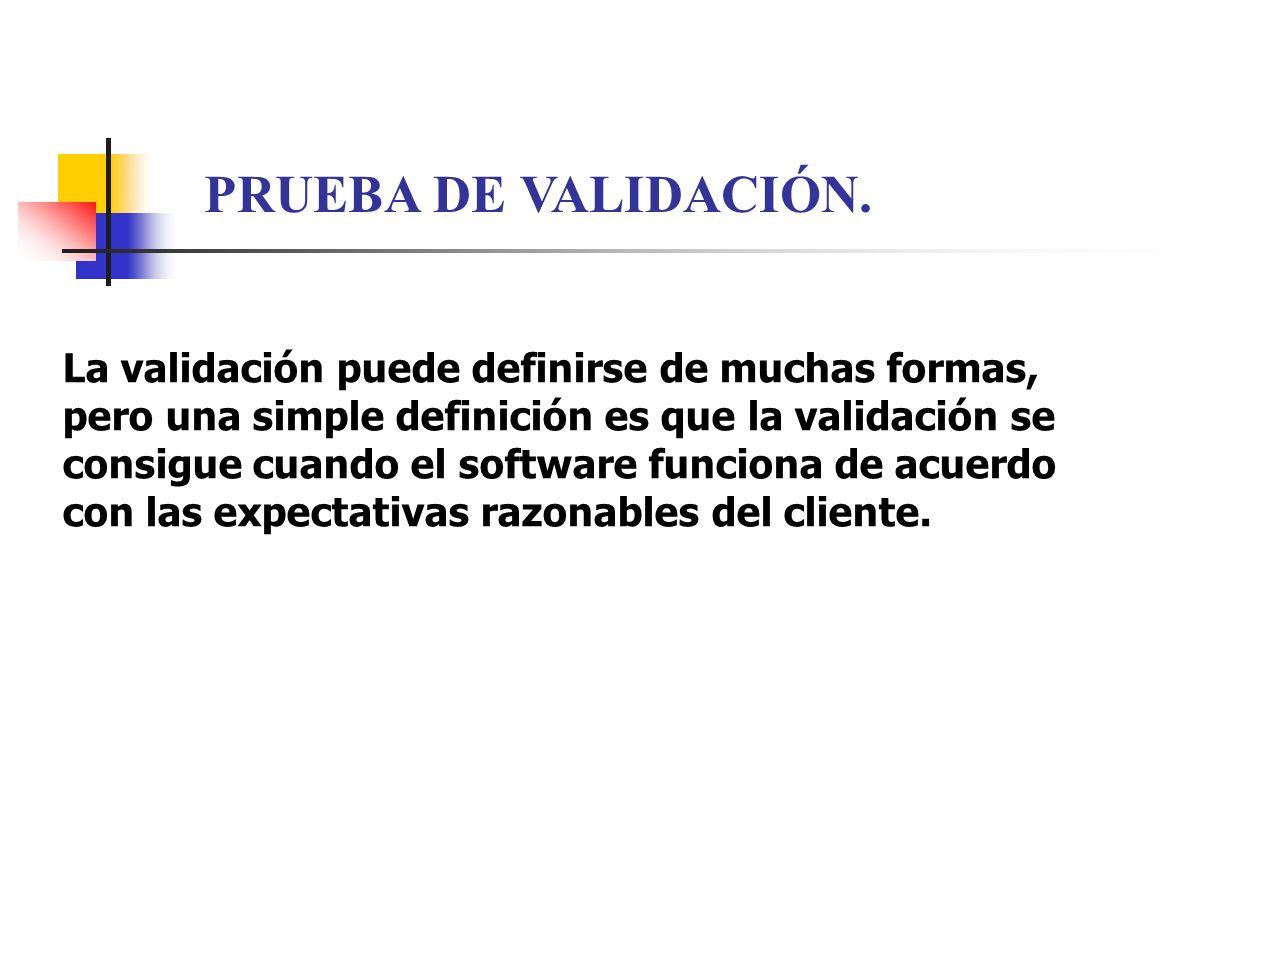 PRUEBA DE VALIDACIÓN.